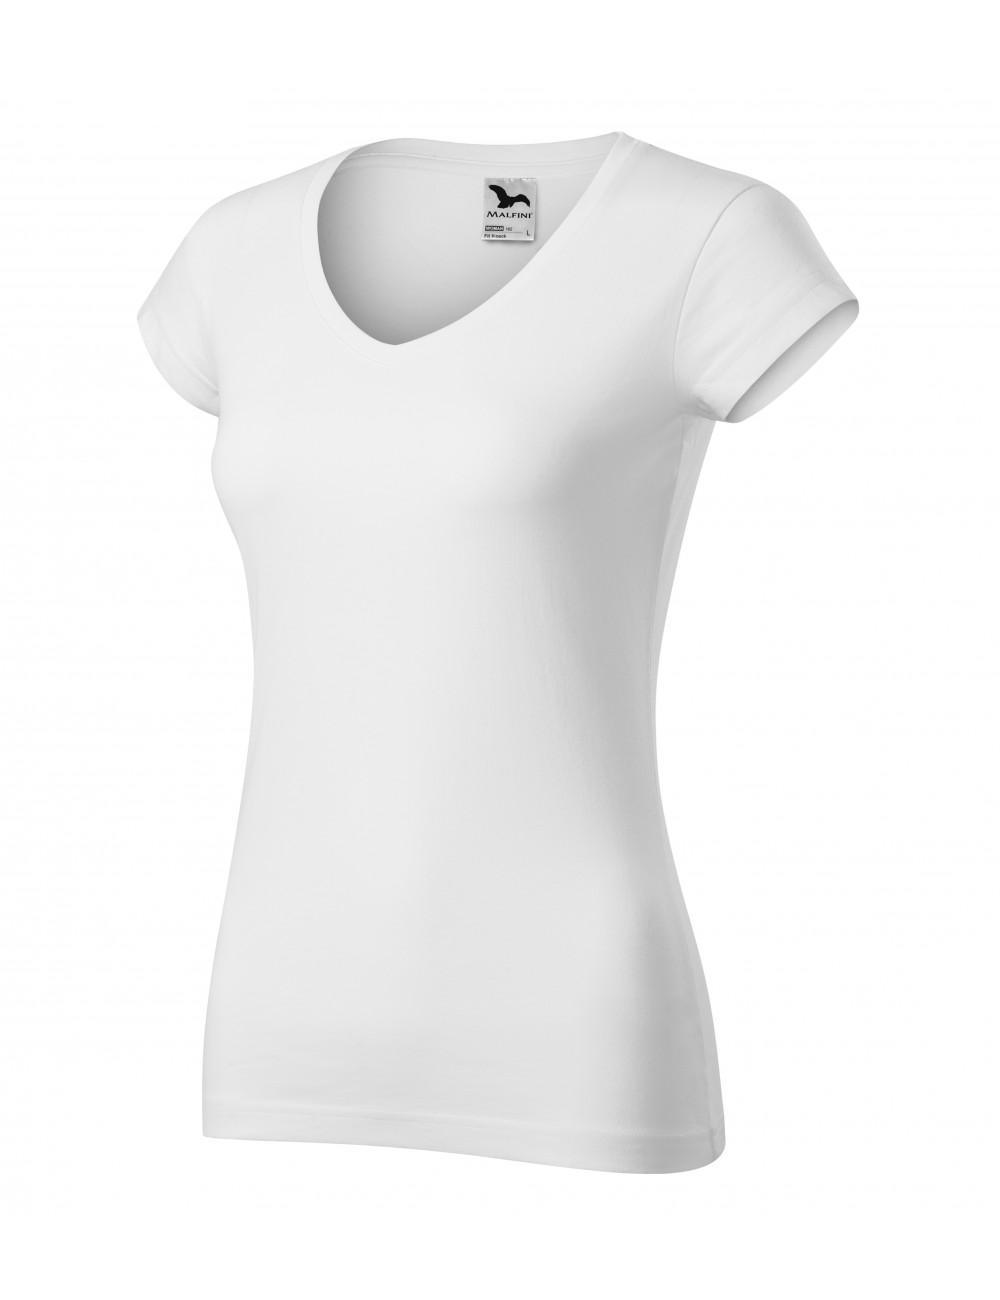 Adler MALFINI Koszulka damska Fit V-neck 162 biały